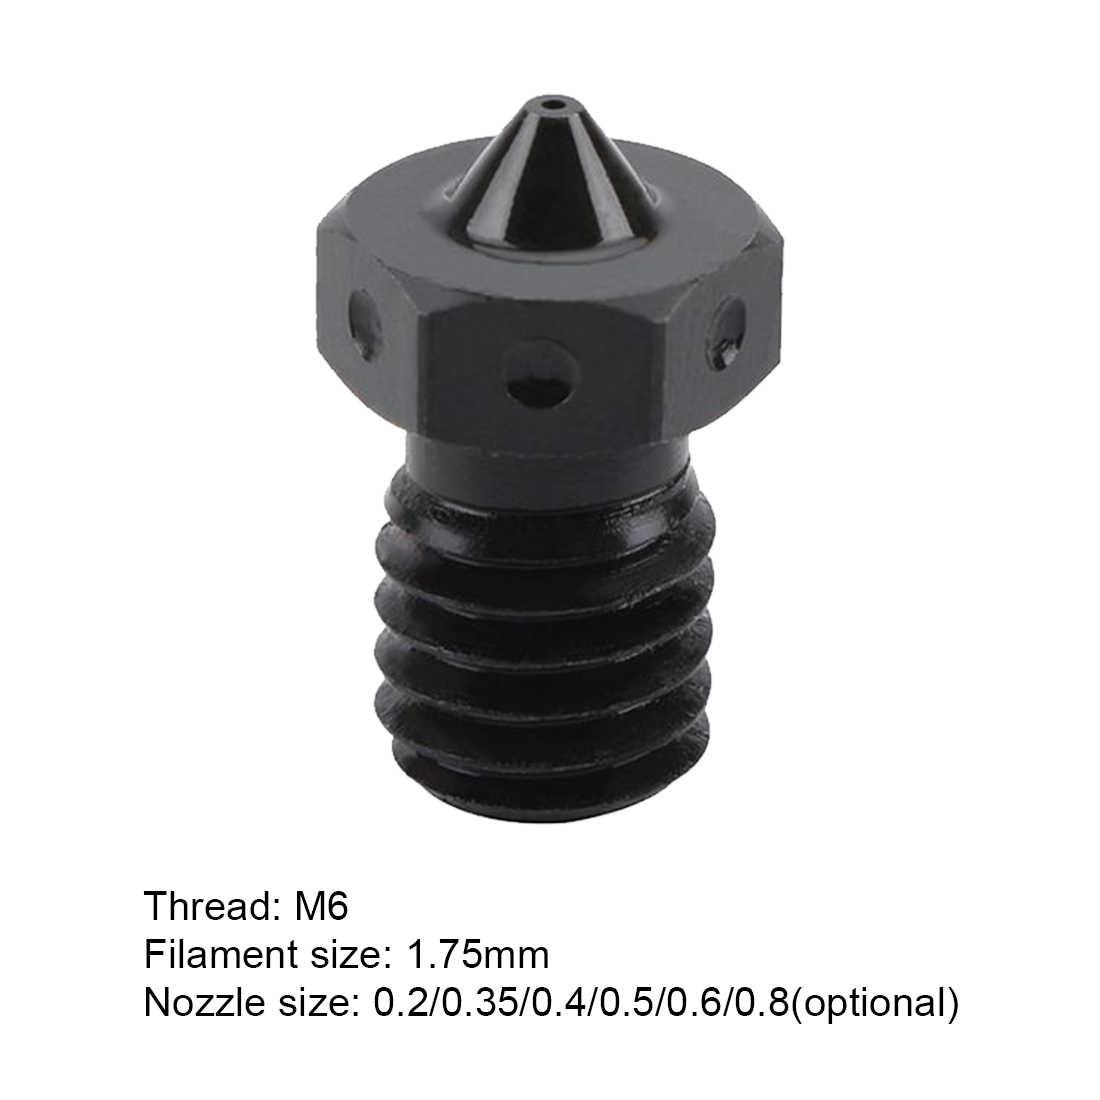 3D プリンタ部品 A2 硬化鋼 V6 ノズル E3D 印刷ペイ PEEK または炭素繊維フィラメントため HOTEND プリンタ部分